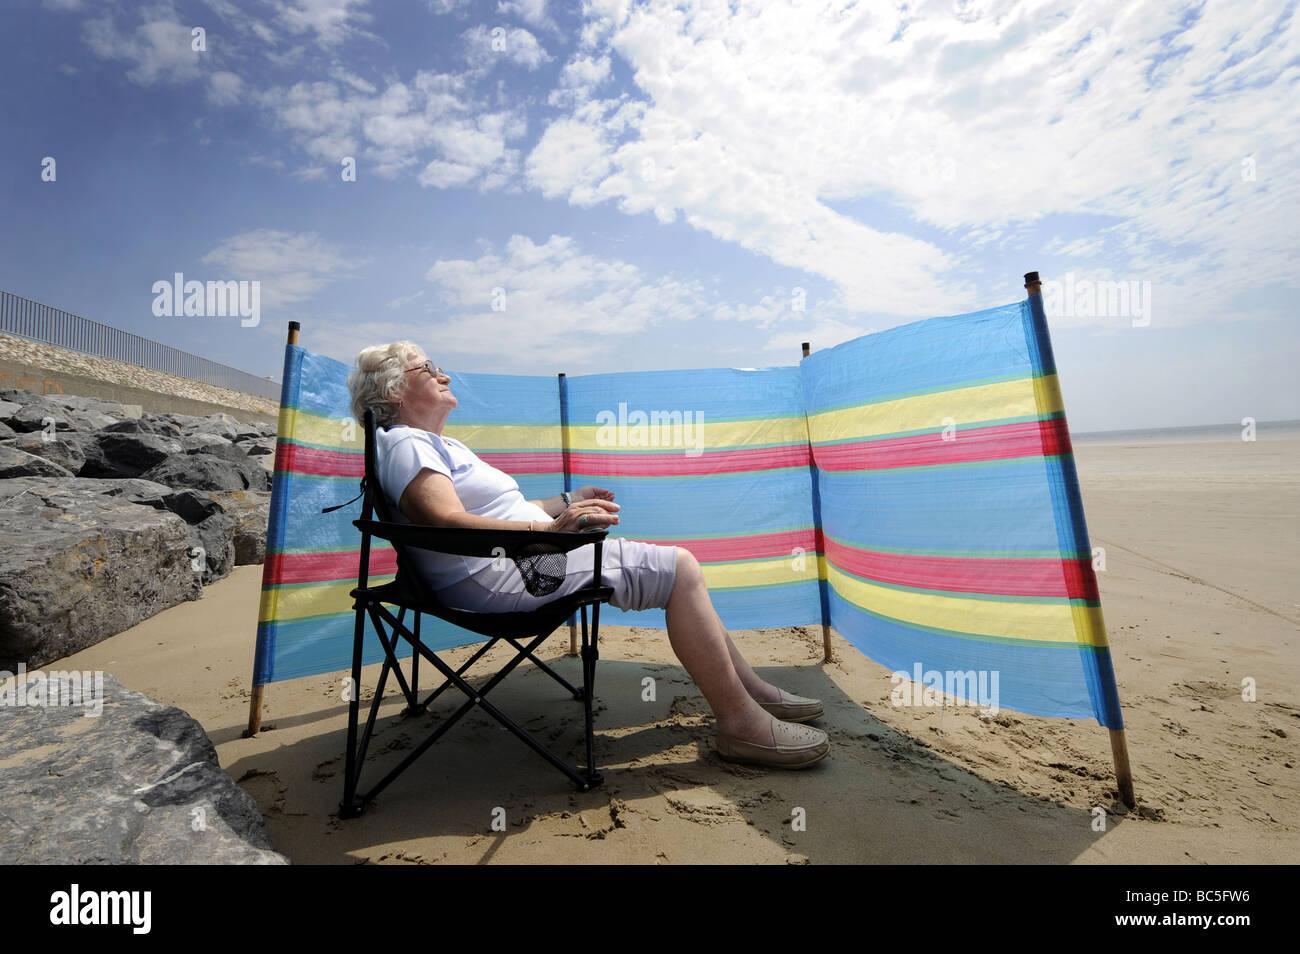 Un PENSIONNÉ BÉNÉFICIE D'un bain de soleil SUR UNE PLAGE BRITANNIQUE AVEC UN COUPE-VENT RE RETRAITE RETRAITÉS VACANCES SAVONS SUN DANGER UK Banque D'Images